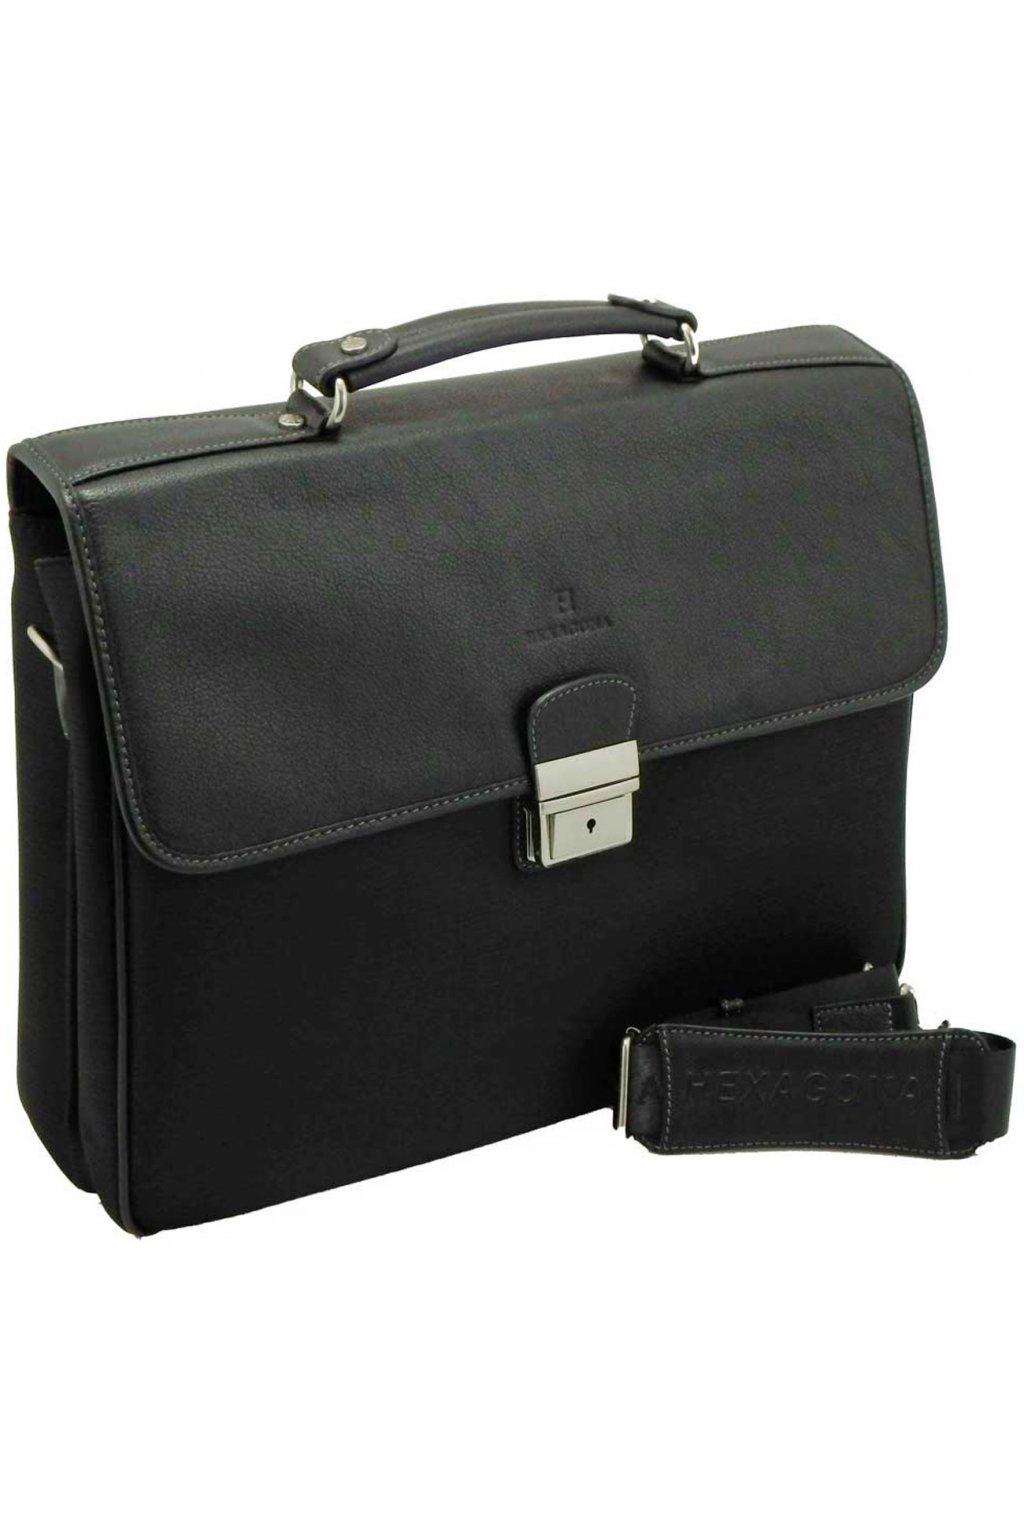 Pánská kožena taška černa PKT03 293808